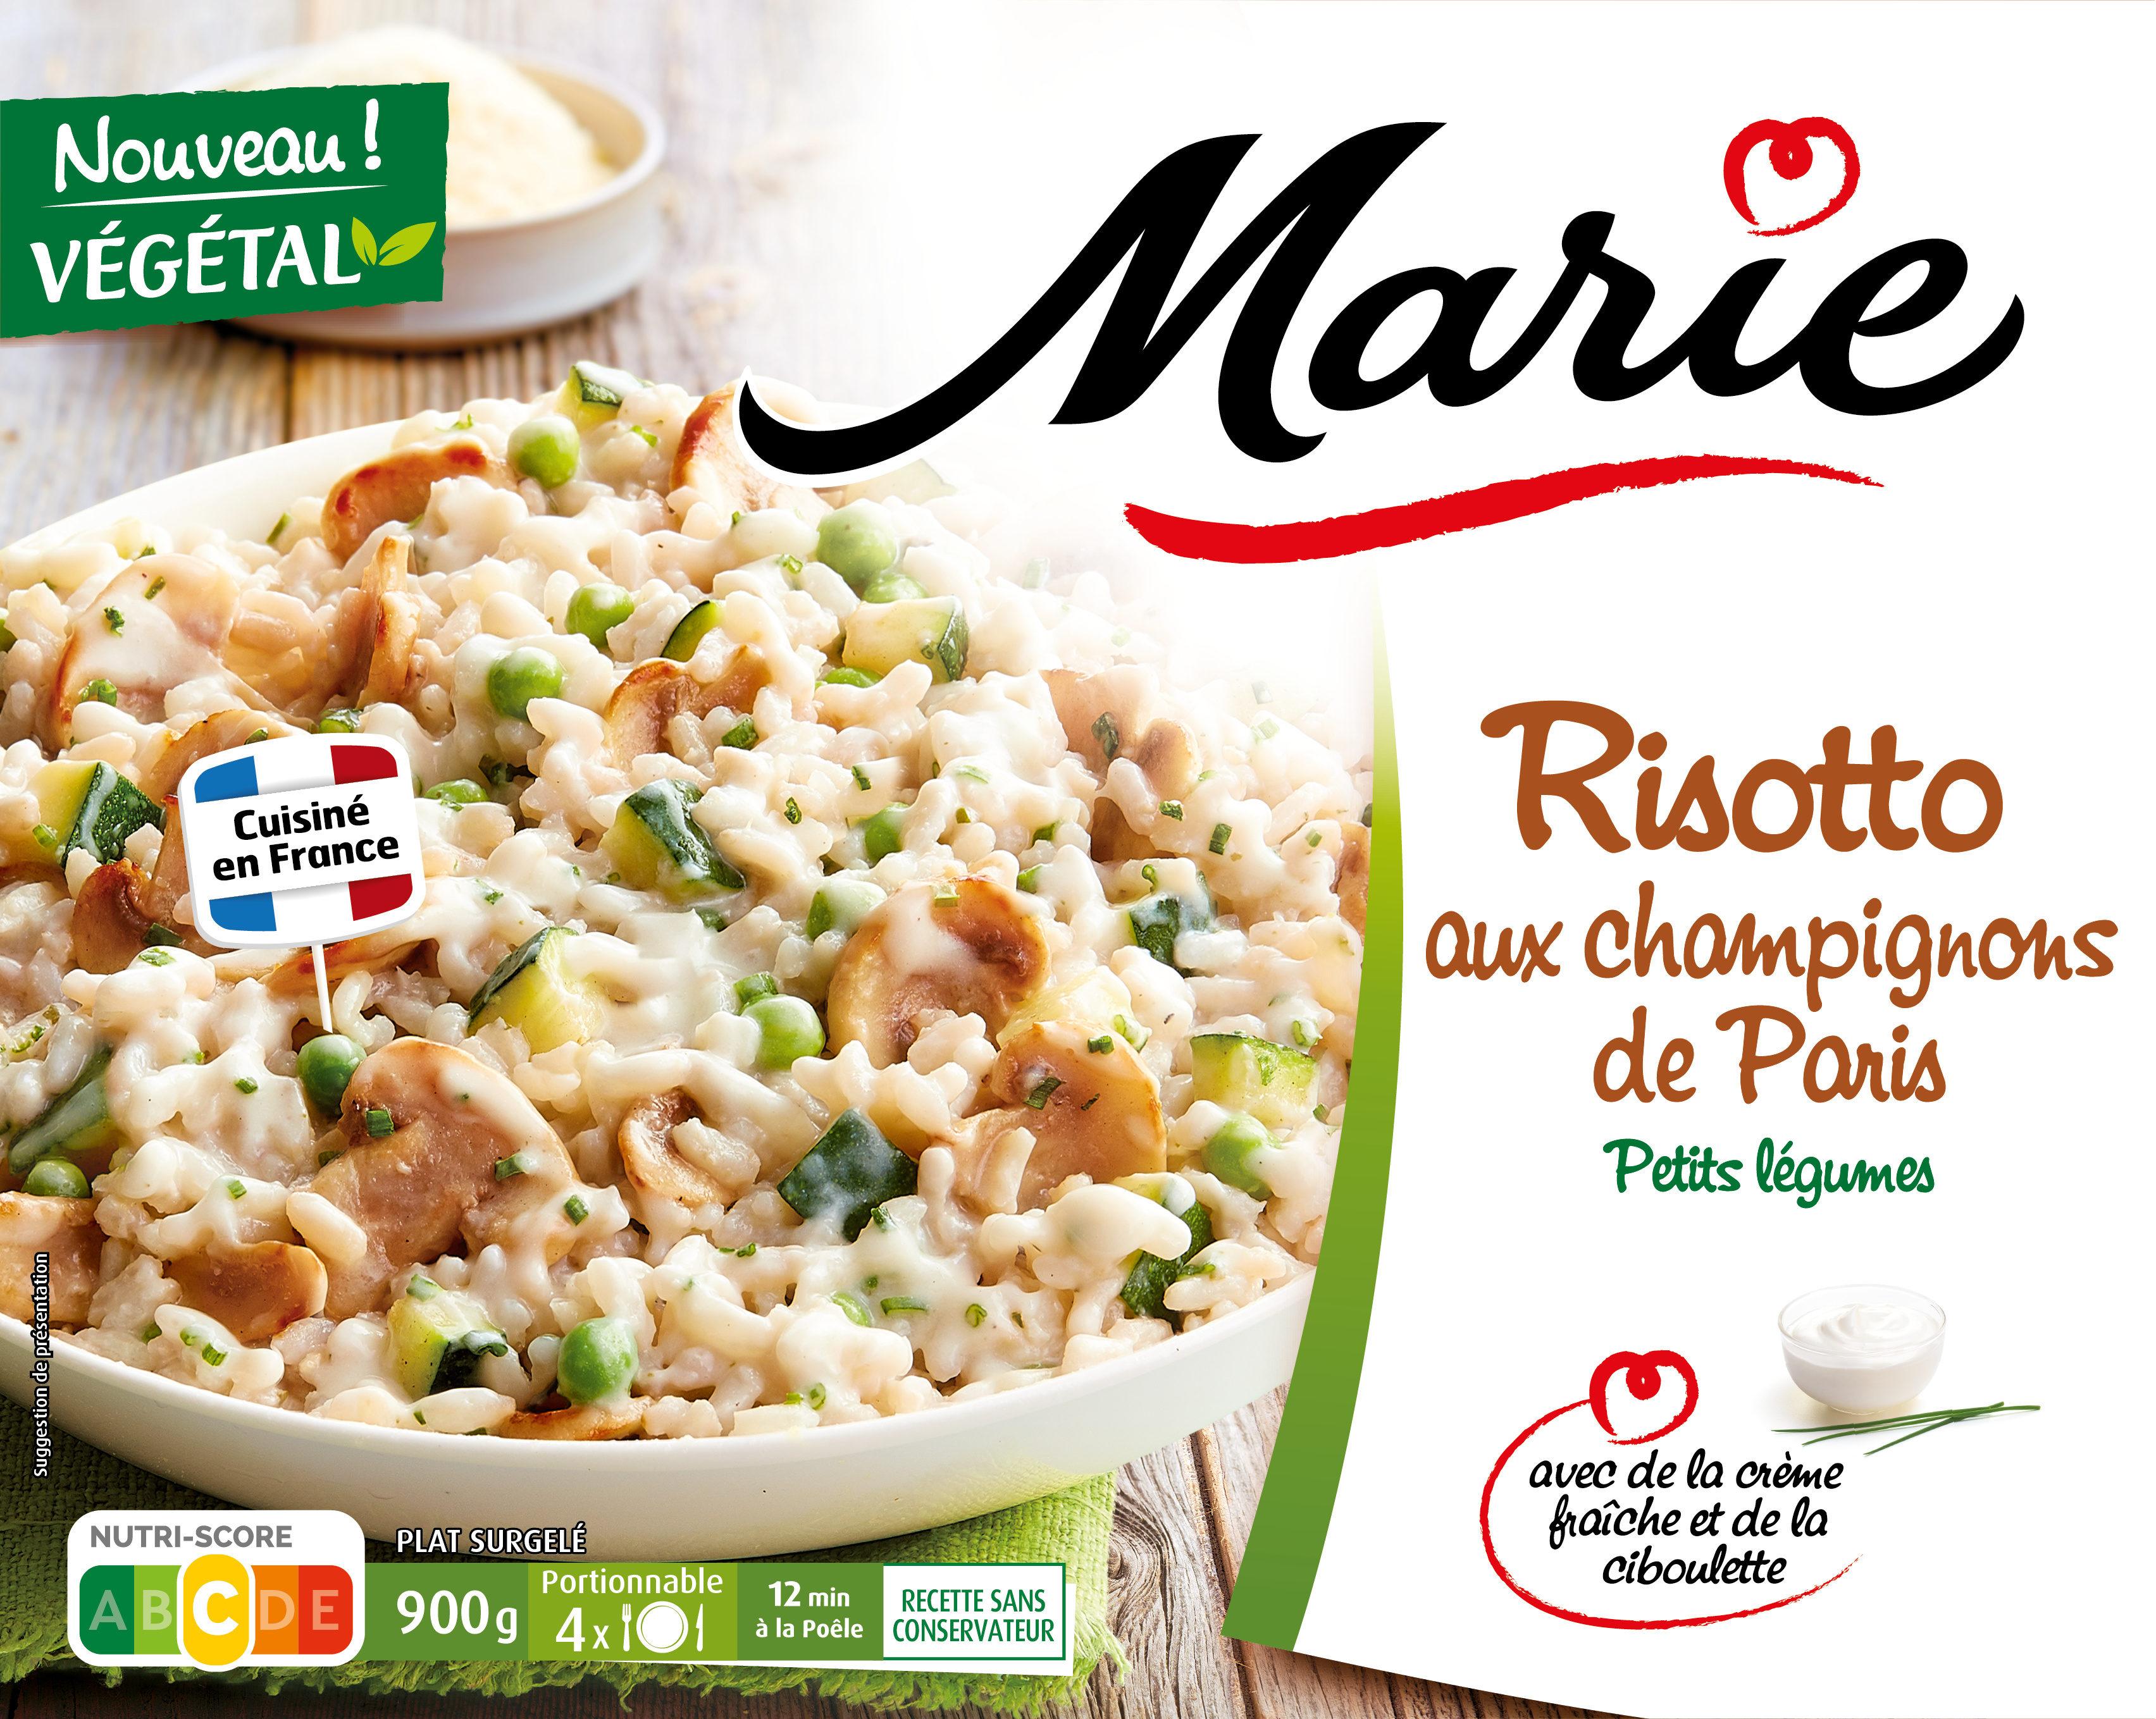 Risotto aux champignons de Paris, Petits légumes - Produit